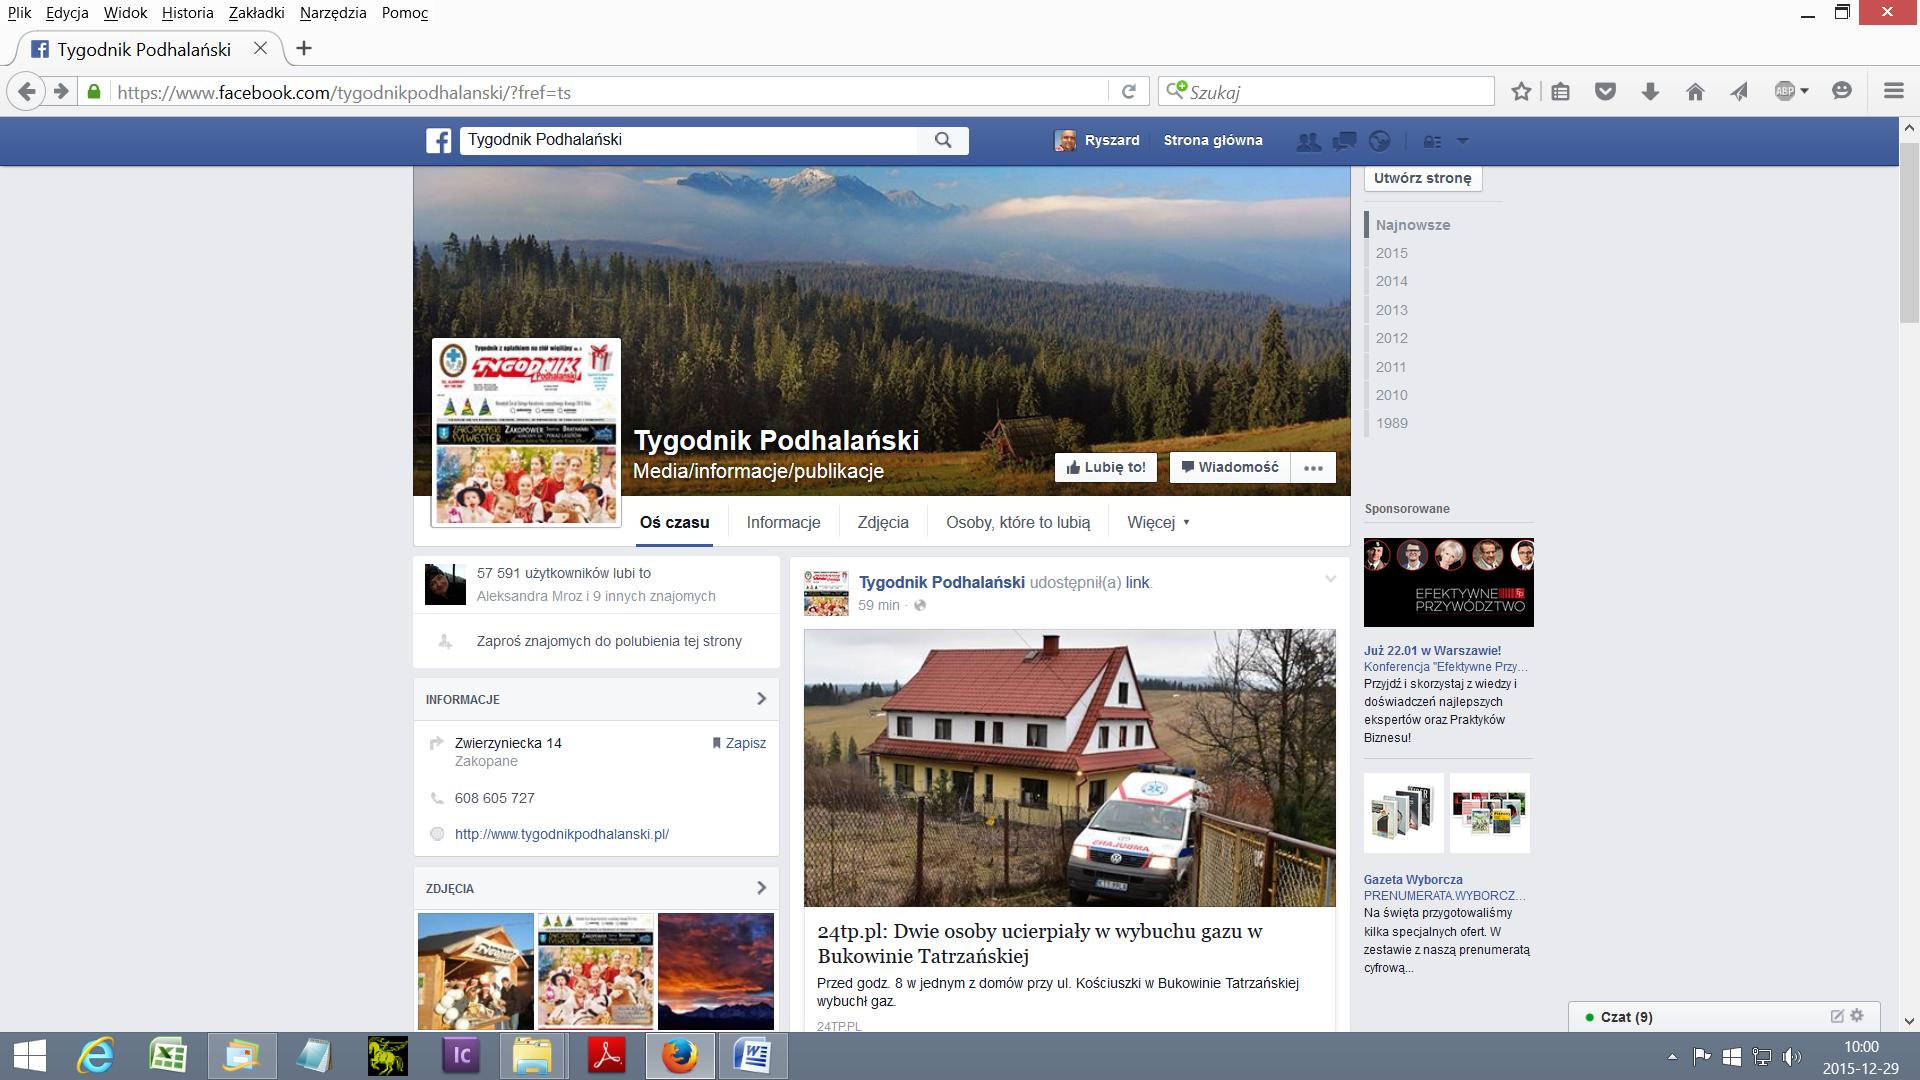 Tygodnik_facebook